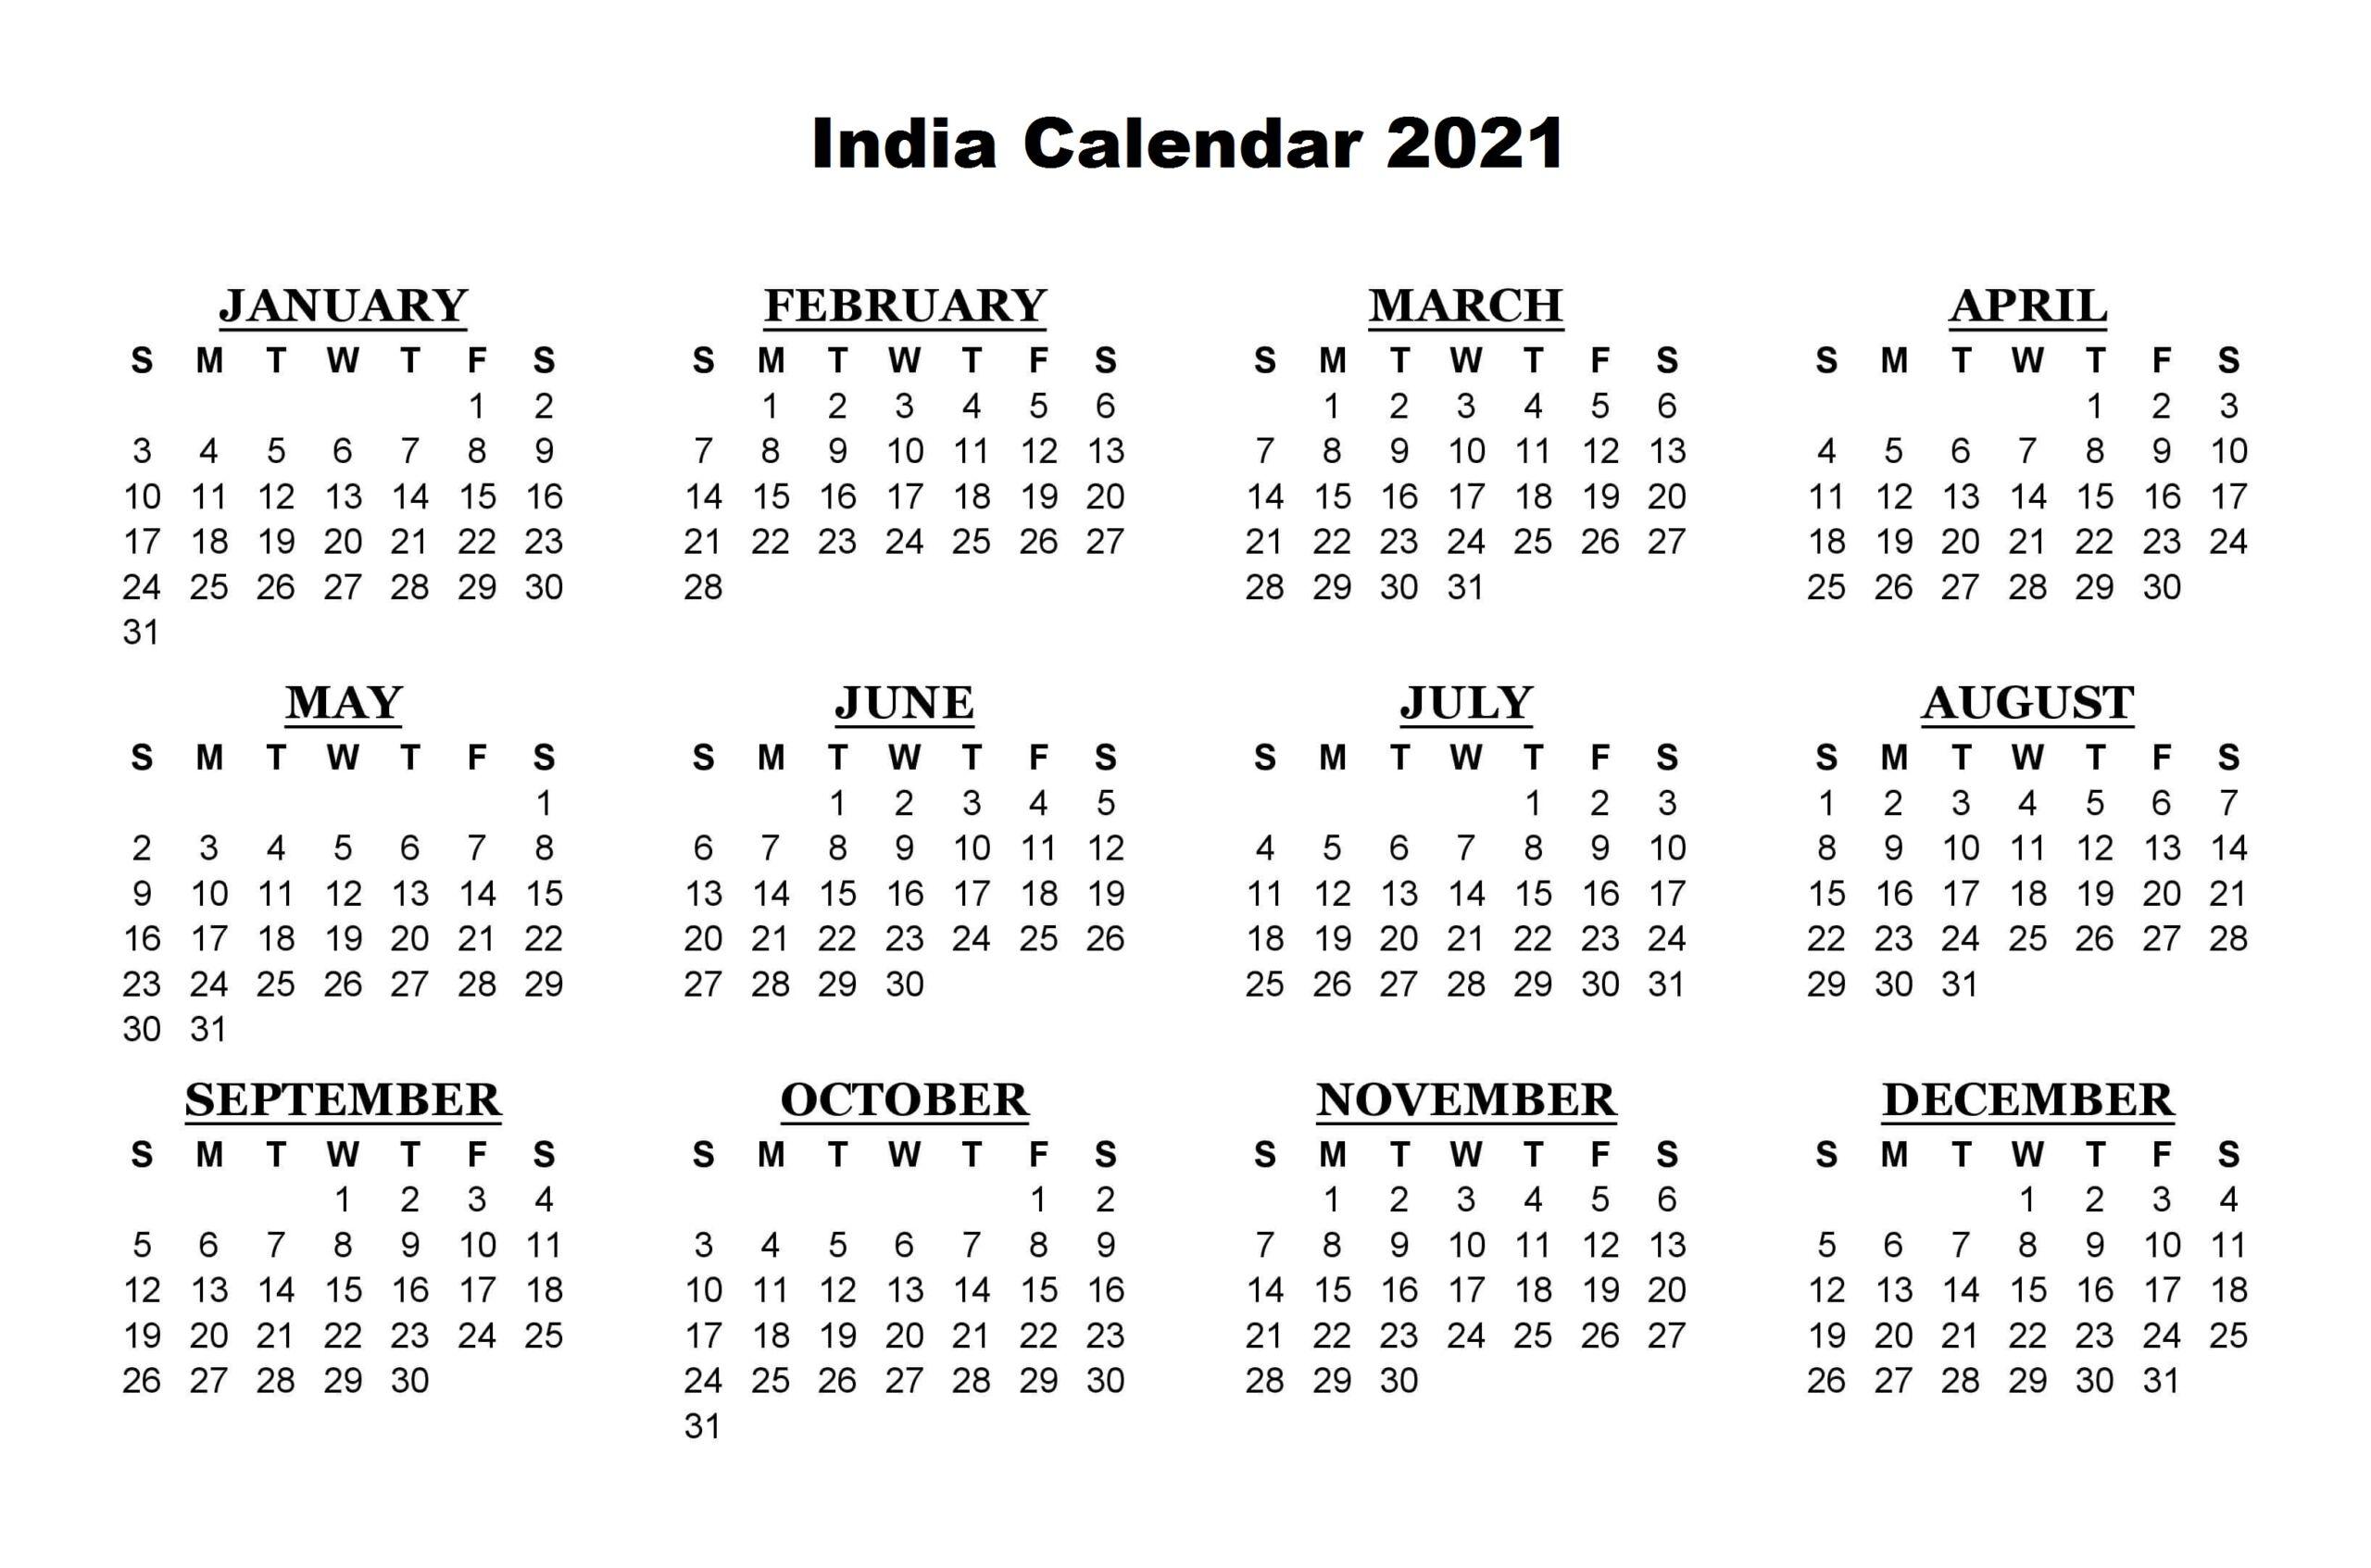 India Calendar 2021 Printable